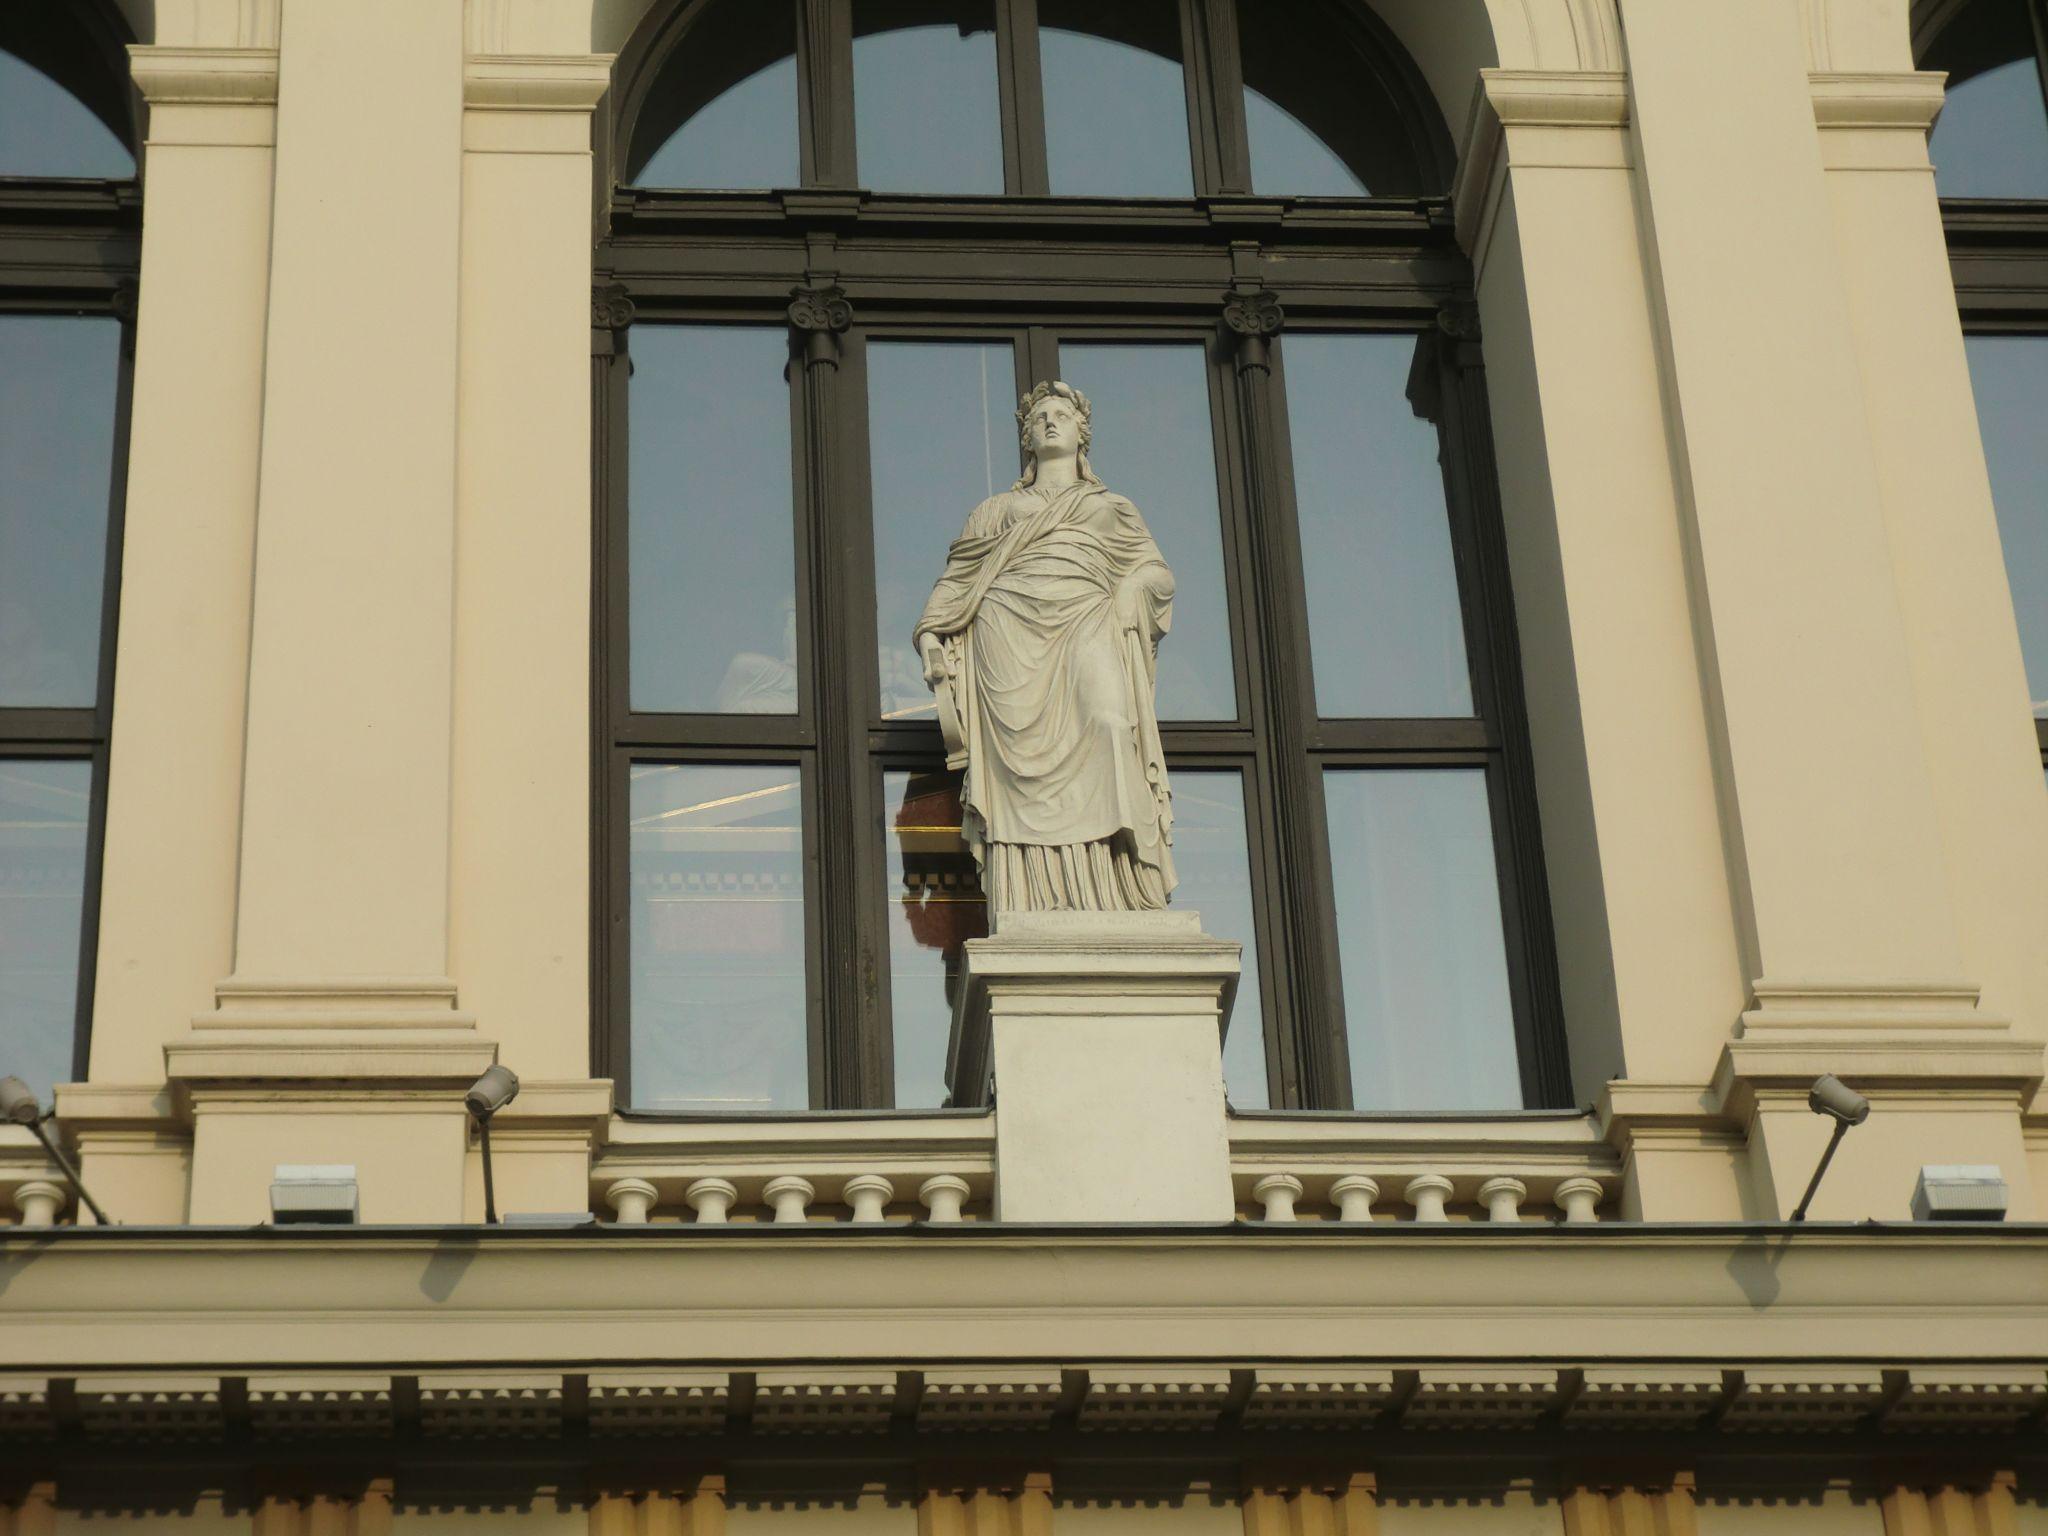 Vienna Opera 10 1440x1080 - Vienna: elegant beauty